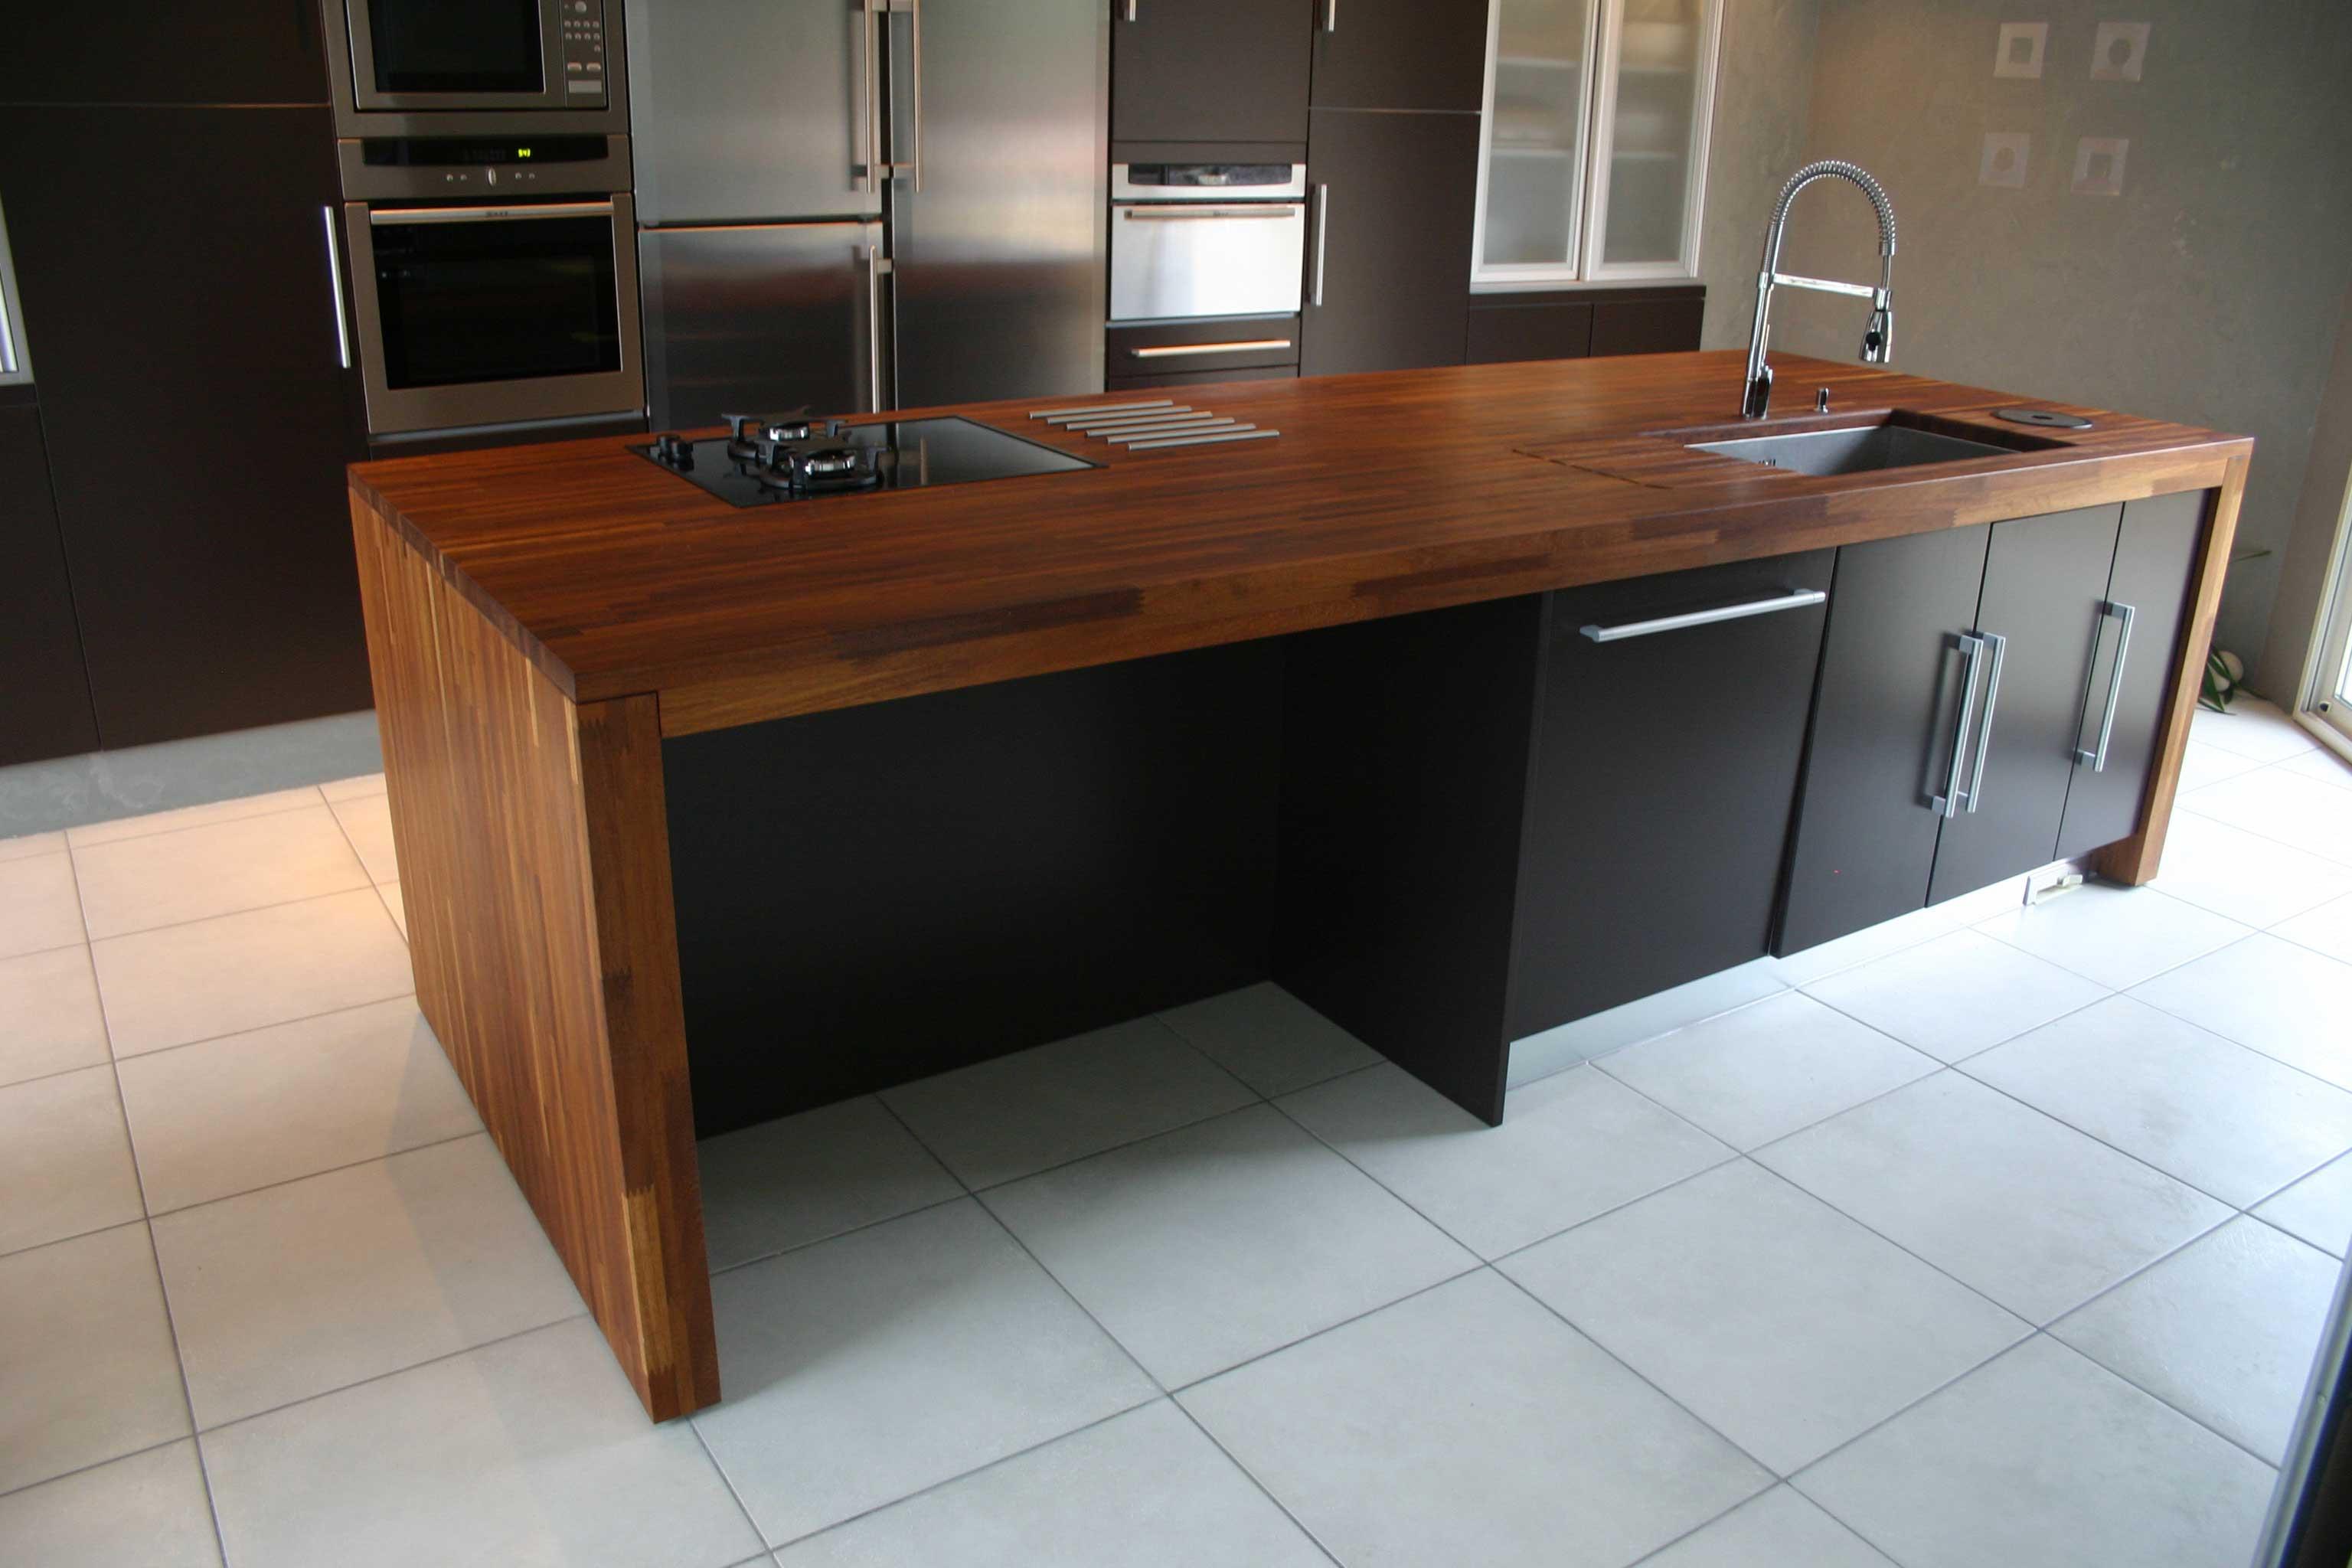 plan de travail chene massif ikea sur mesure livraison. Black Bedroom Furniture Sets. Home Design Ideas